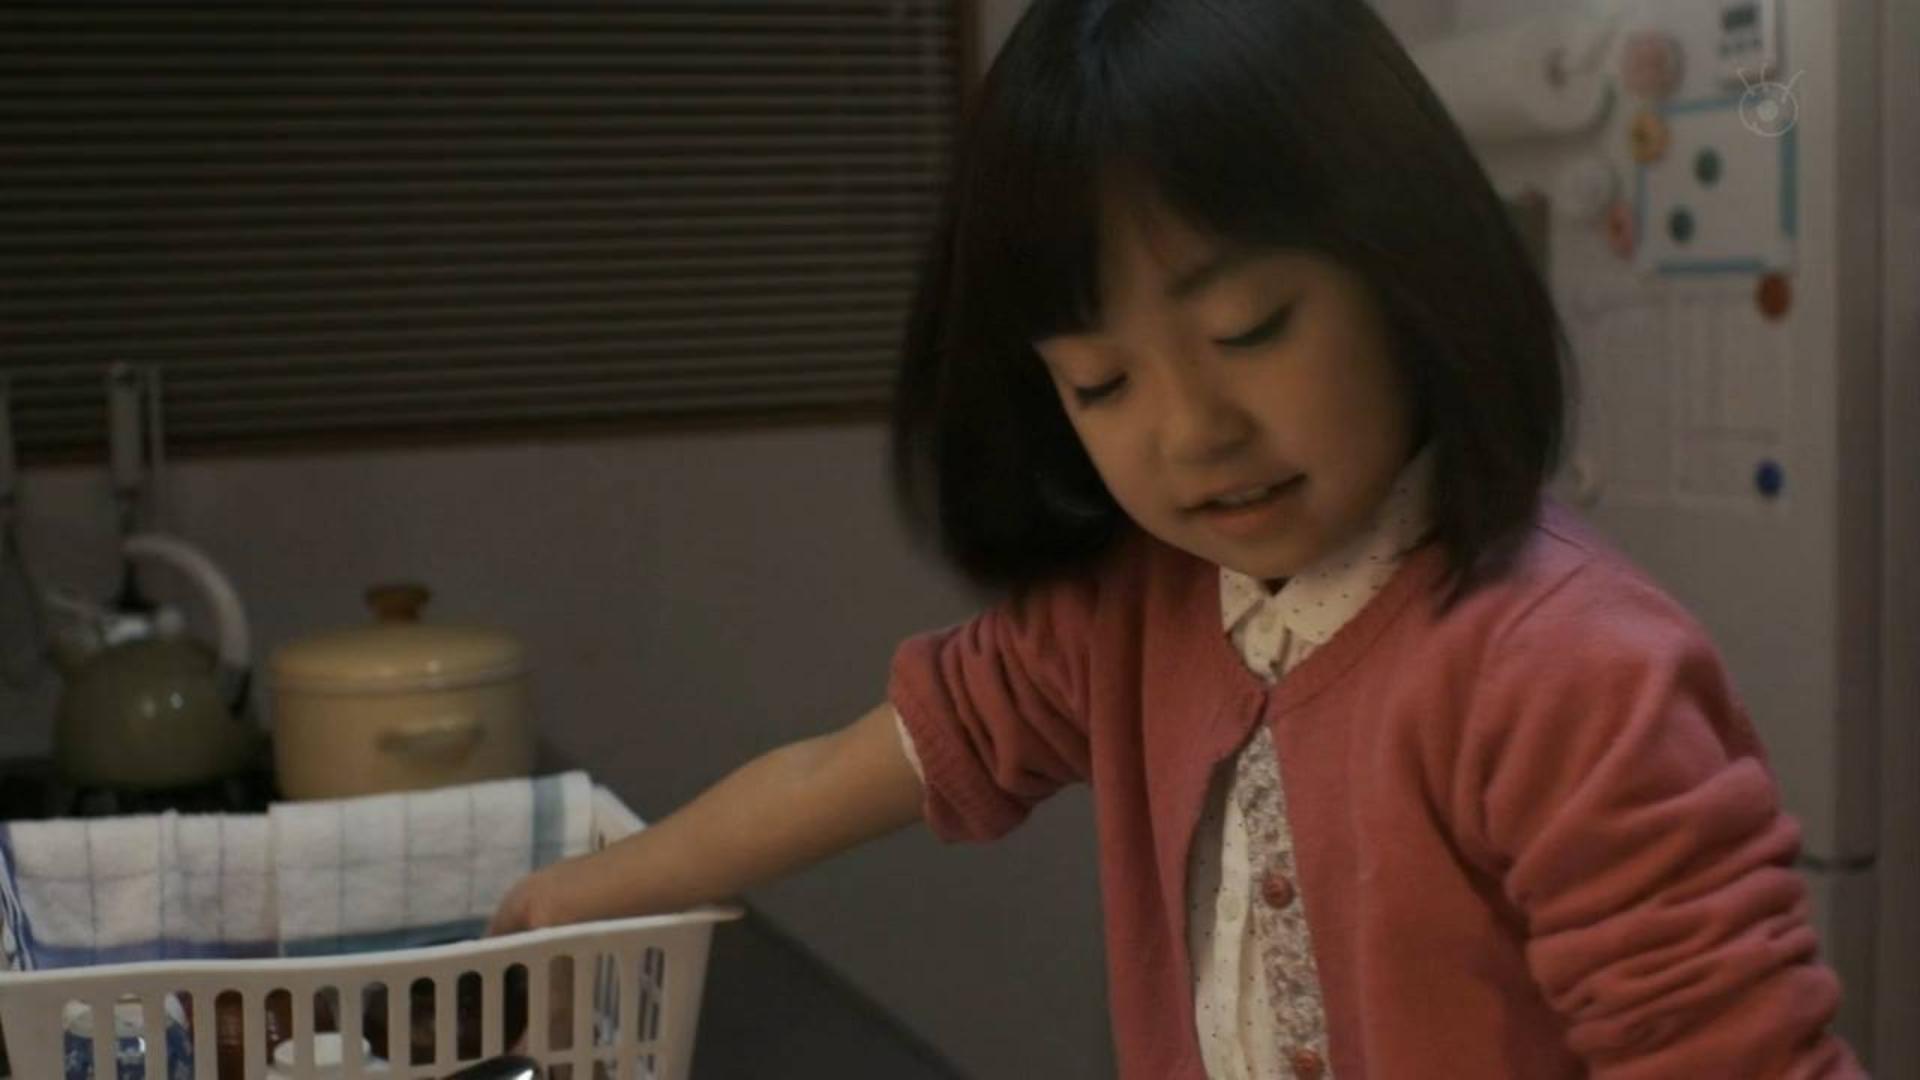 妈妈一个小错误害死了乖乖宝贝女儿,结局令人泪目《世界奇妙物语:凶宅》